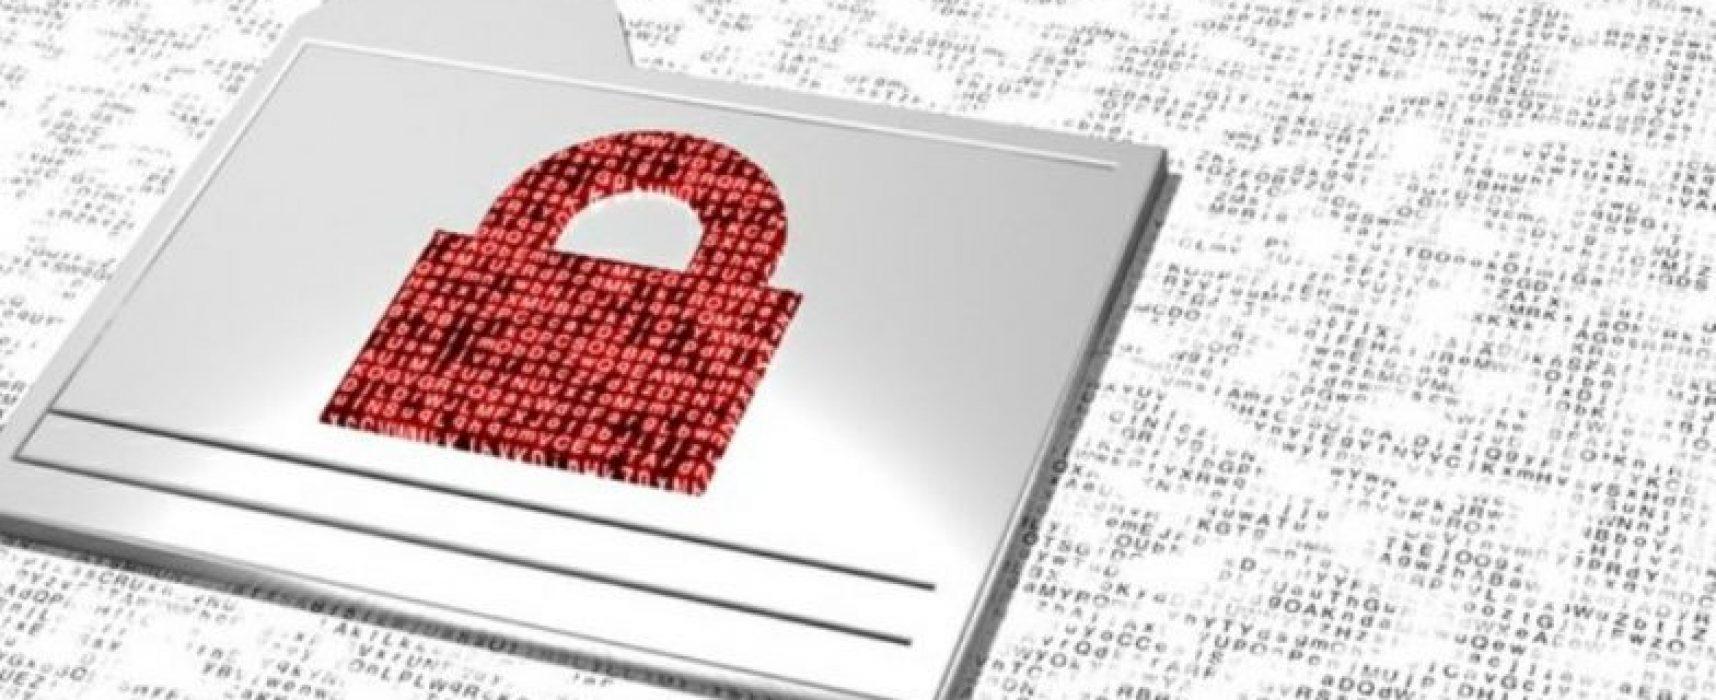 In Ucraina è in arrivo una nuova campagna di cyber attacchi?